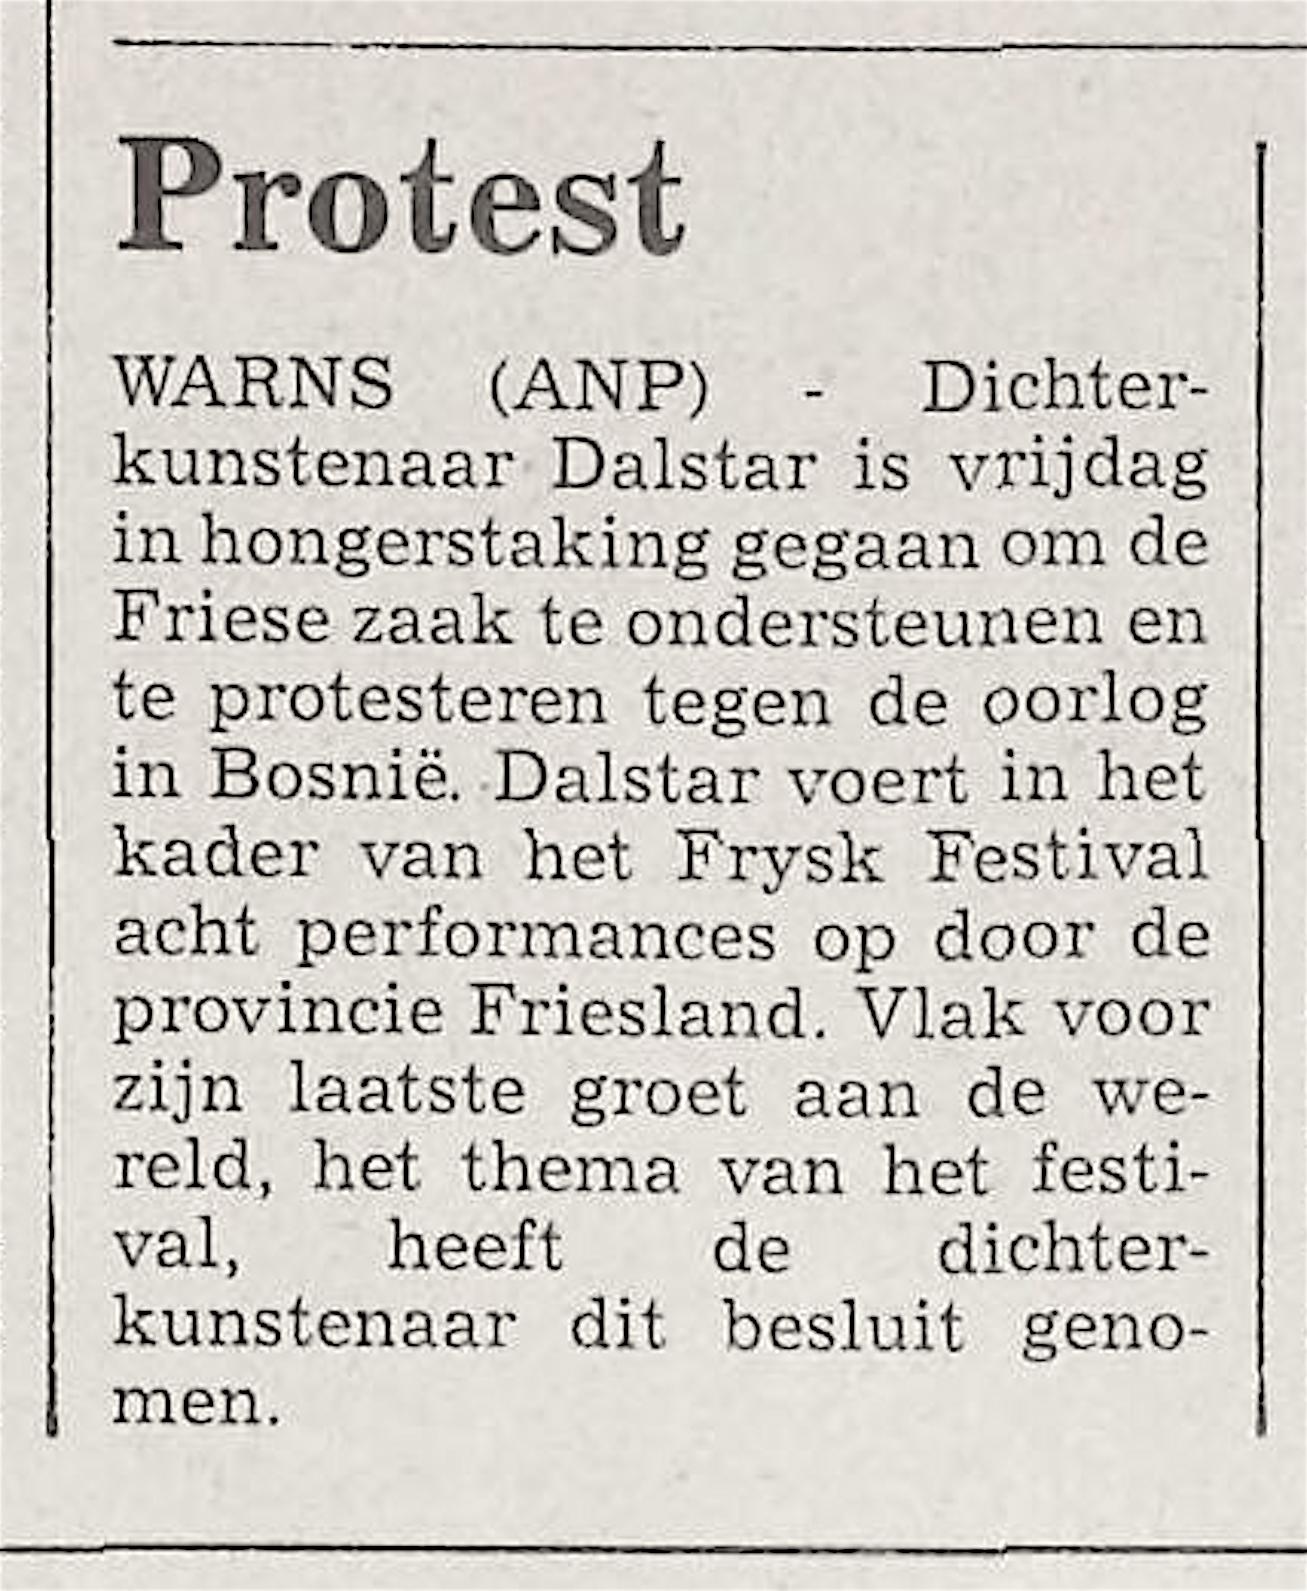 Zierikzeesche Nieuwsbode | 1995 | 25 september 1995 | pagina 4